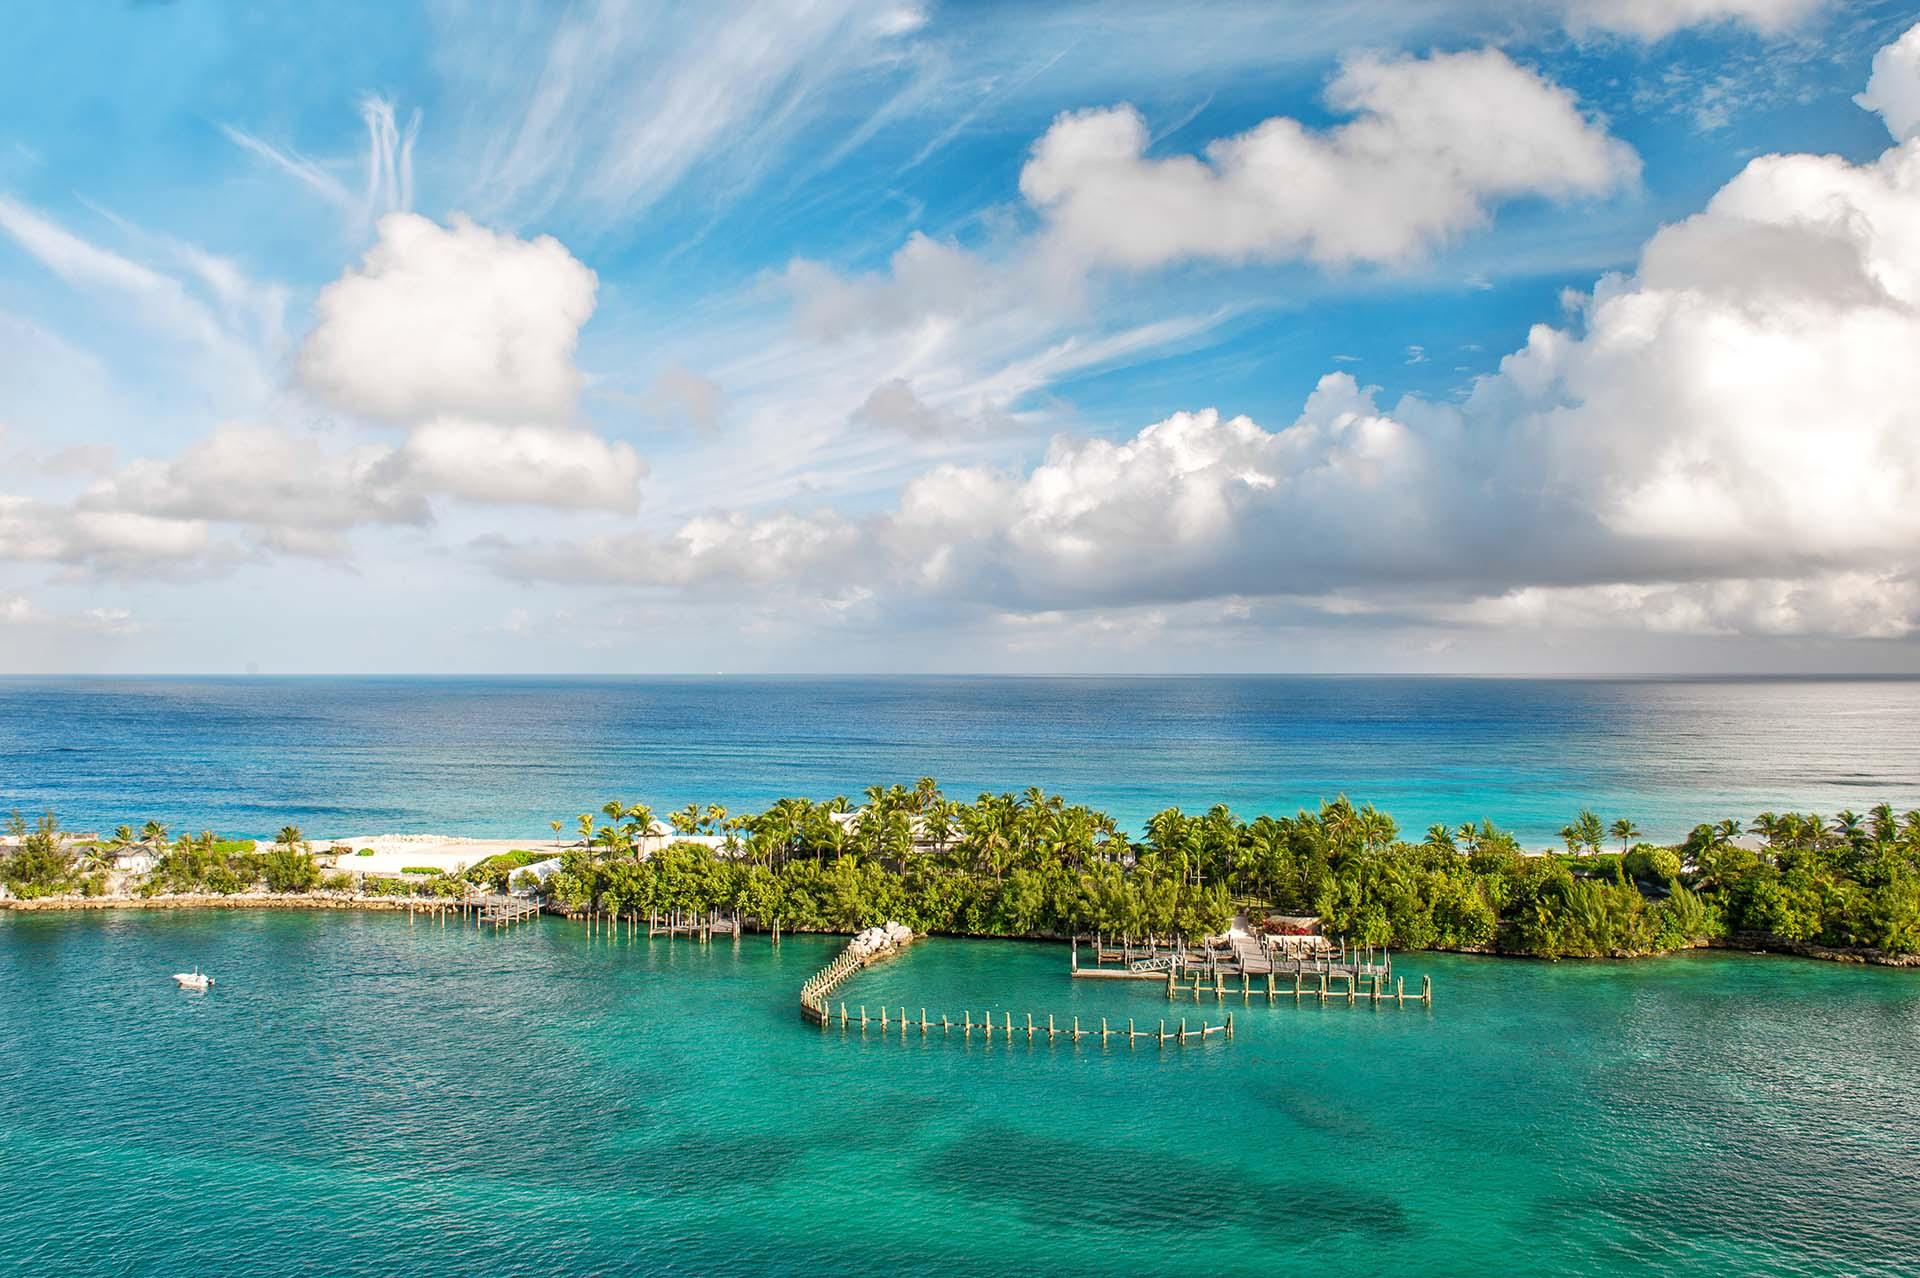 Las Bahamas ha reiniciado los vuelos nacionales entre sus islas y está permitiendo que los vuelos internacionales comiencen nuevamente desde el 1 de julio. Se permitieron embarcaciones internacionales, yates y aviación privada a partir del 15 de junio, y los viajeros serán evaluados. El país obtuvo el 19,23% de su PIB del turismo, pero eso pudo haber sido afectado por el huracán Dorian en 2019